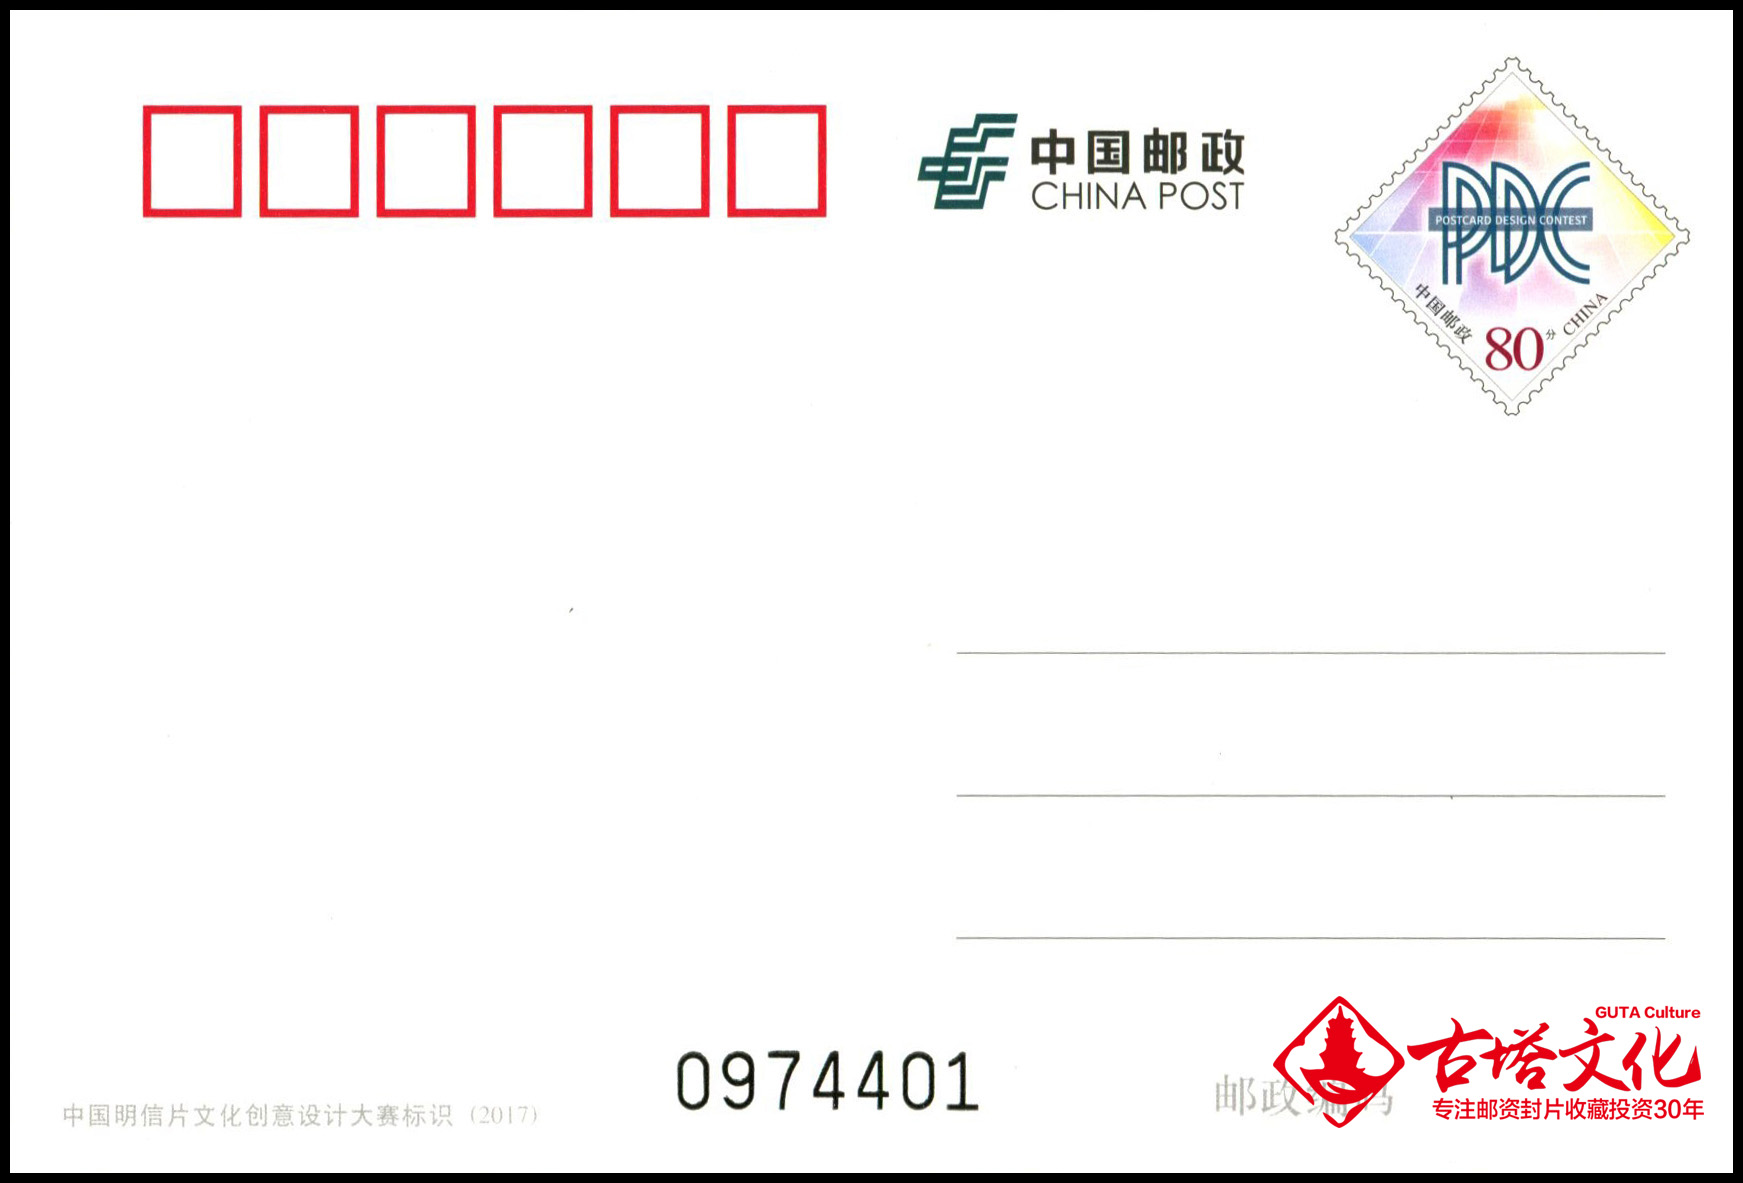 PP281 2017 годы страна открытка культура из творческий большой матч марк генерал почта капитал открытка почта капитал лист